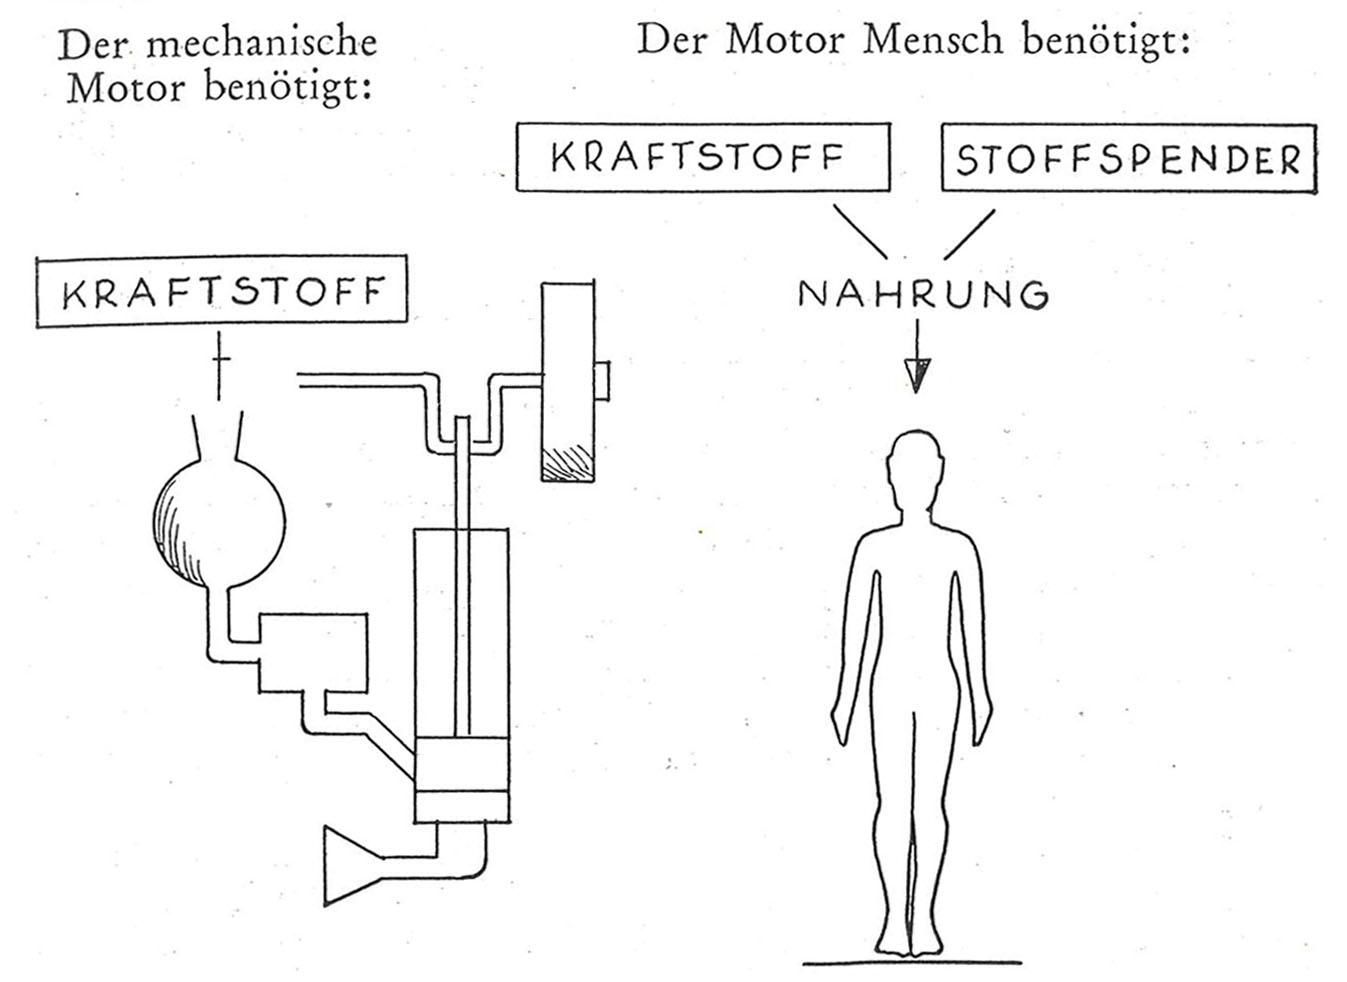 """Die Illustration zeigt einen mechanischen Motor und einen Menschen. Mit Textelementen wird erläutert: Der mechanische Motor benötigt """"Kraftstoff"""" und der Mensch benötigt """"Kraftstoff"""" und """"Stoffspender"""", die als """"Nahrung"""" zusammengefasst sind."""